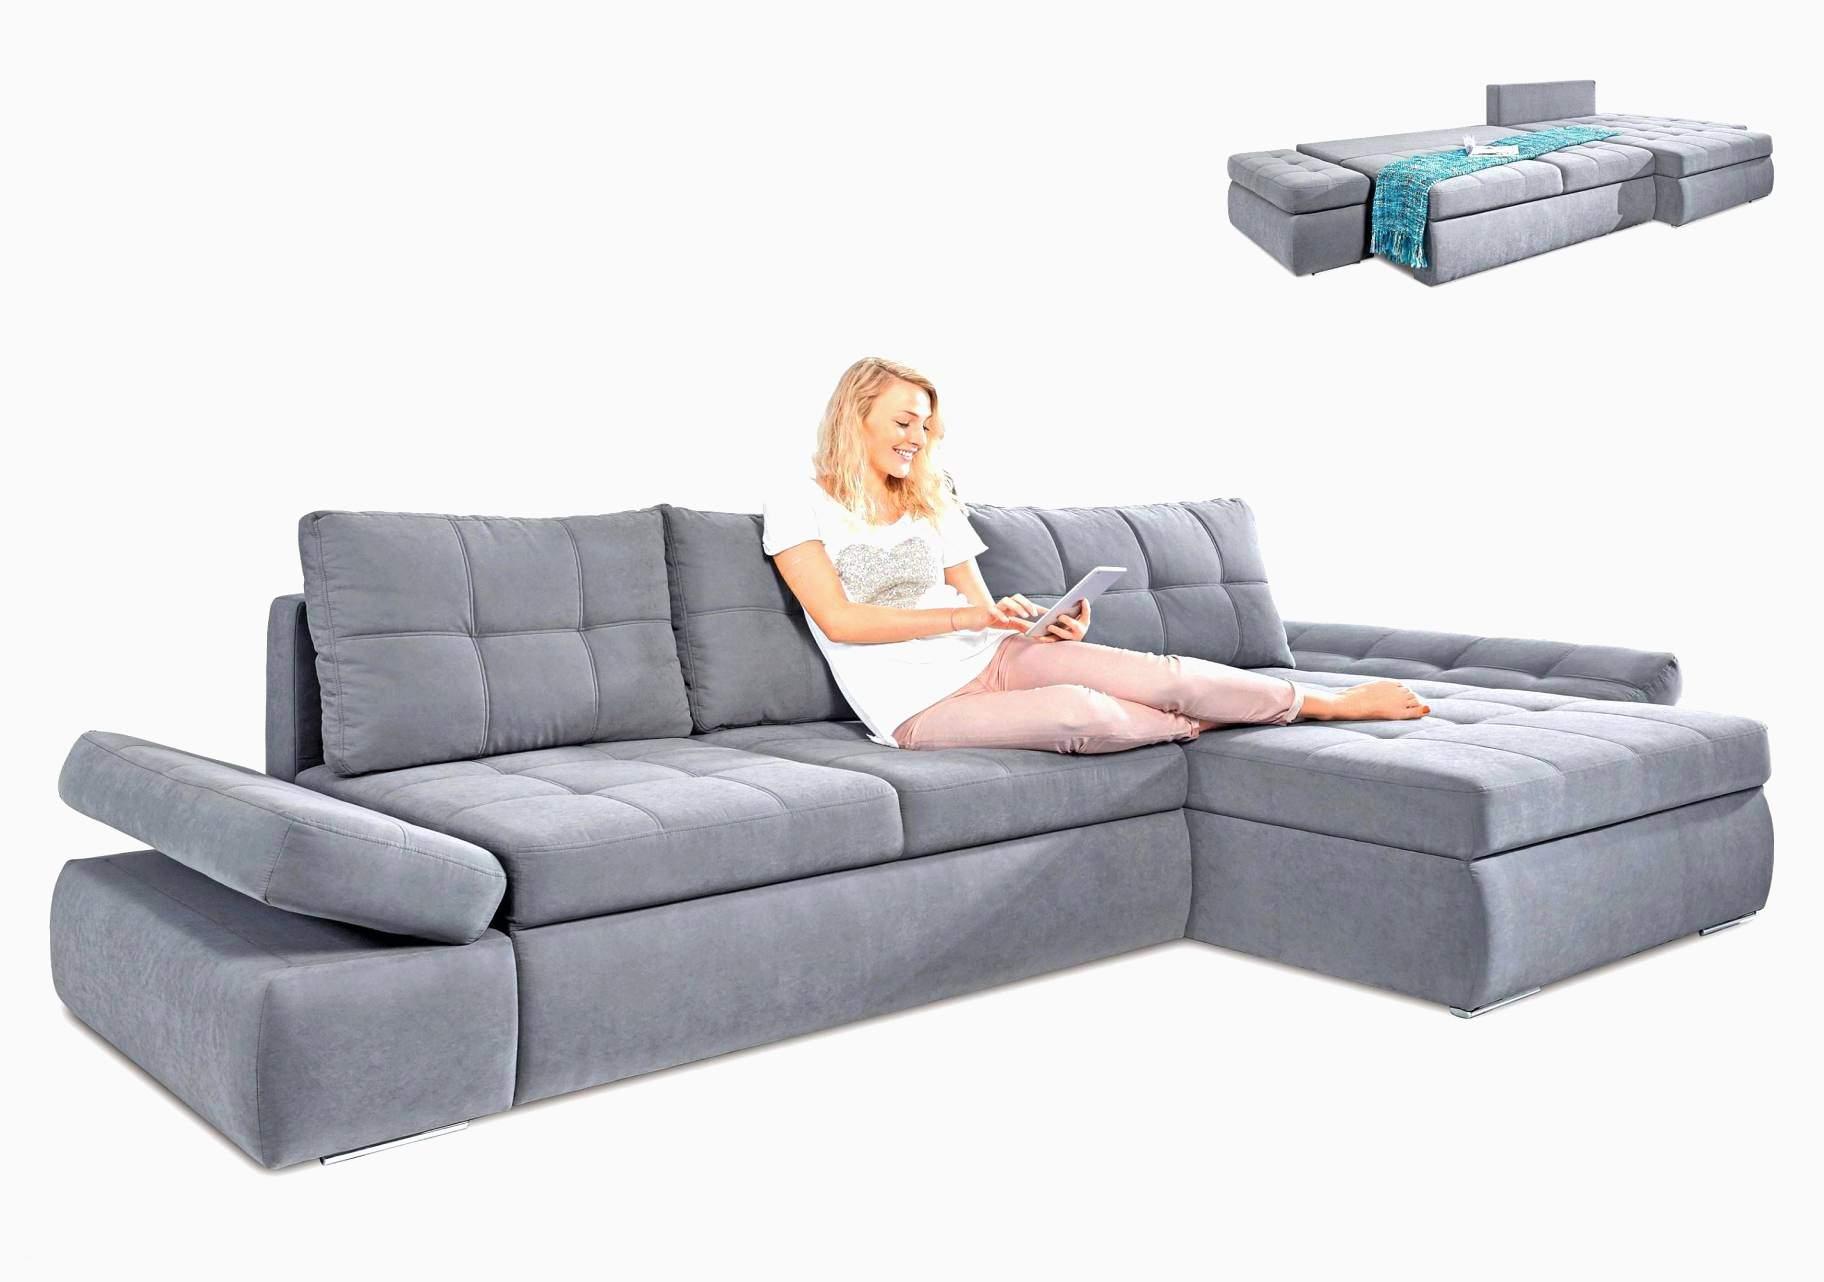 Full Size of Relax Liegestuhl Wohnzimmer Designer Ikea Frisch Planen Der Bilder Xxl Beleuchtung Lampe Pendelleuchte Wandbilder Hängelampe Tischlampe Stehlampe Moderne Wohnzimmer Wohnzimmer Liegestuhl